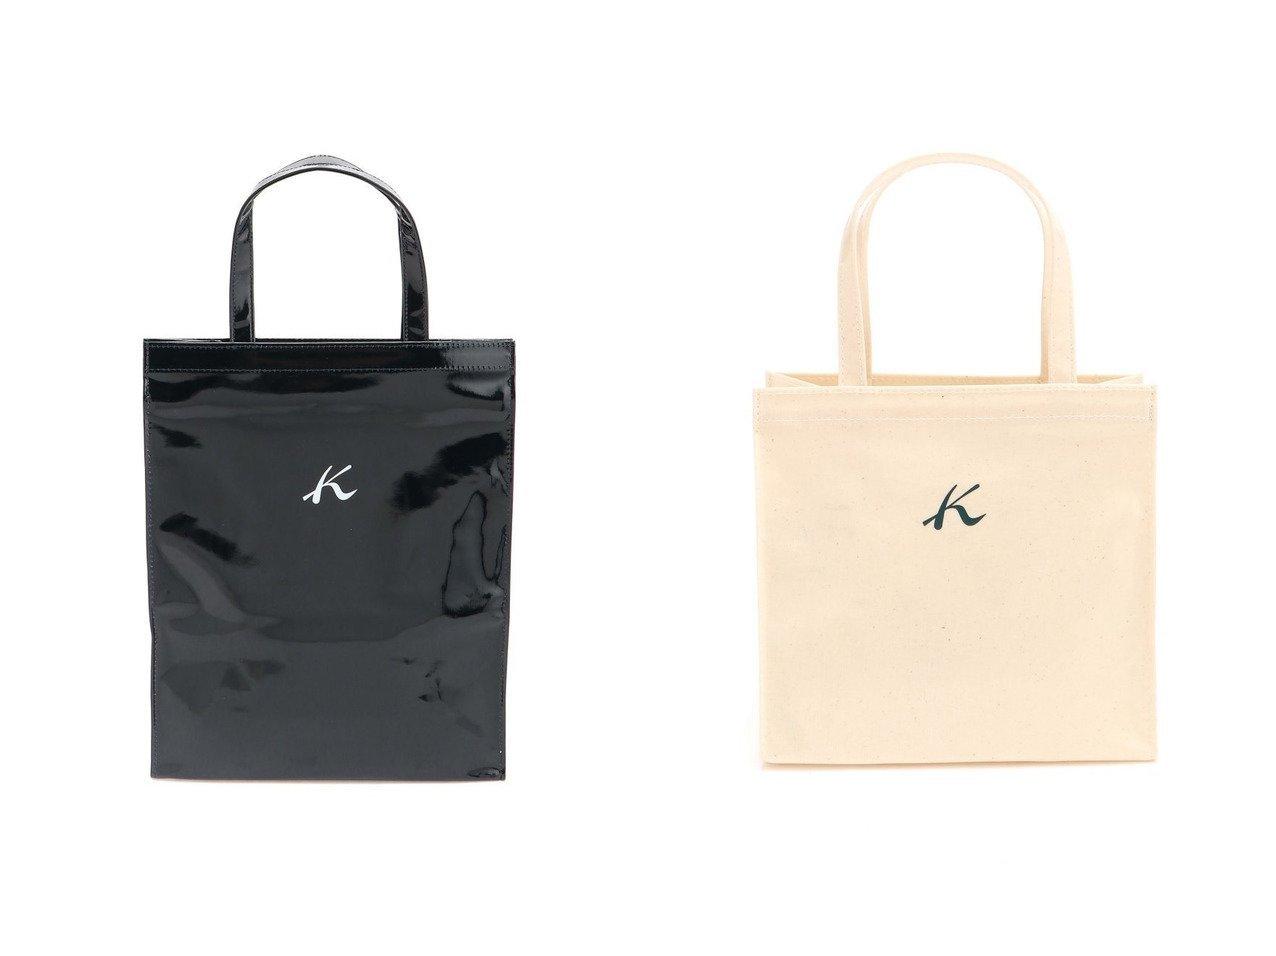 【Kitamura/キタムラ】のショッピングバッグ DH0128&ショッピングバッグ DH0281 Kitamuraのおすすめ!人気、トレンド・レディースファッションの通販 おすすめで人気の流行・トレンド、ファッションの通販商品 メンズファッション・キッズファッション・インテリア・家具・レディースファッション・服の通販 founy(ファニー) https://founy.com/ ファッション Fashion レディースファッション WOMEN バッグ Bag シンプル 人気 |ID:crp329100000019094